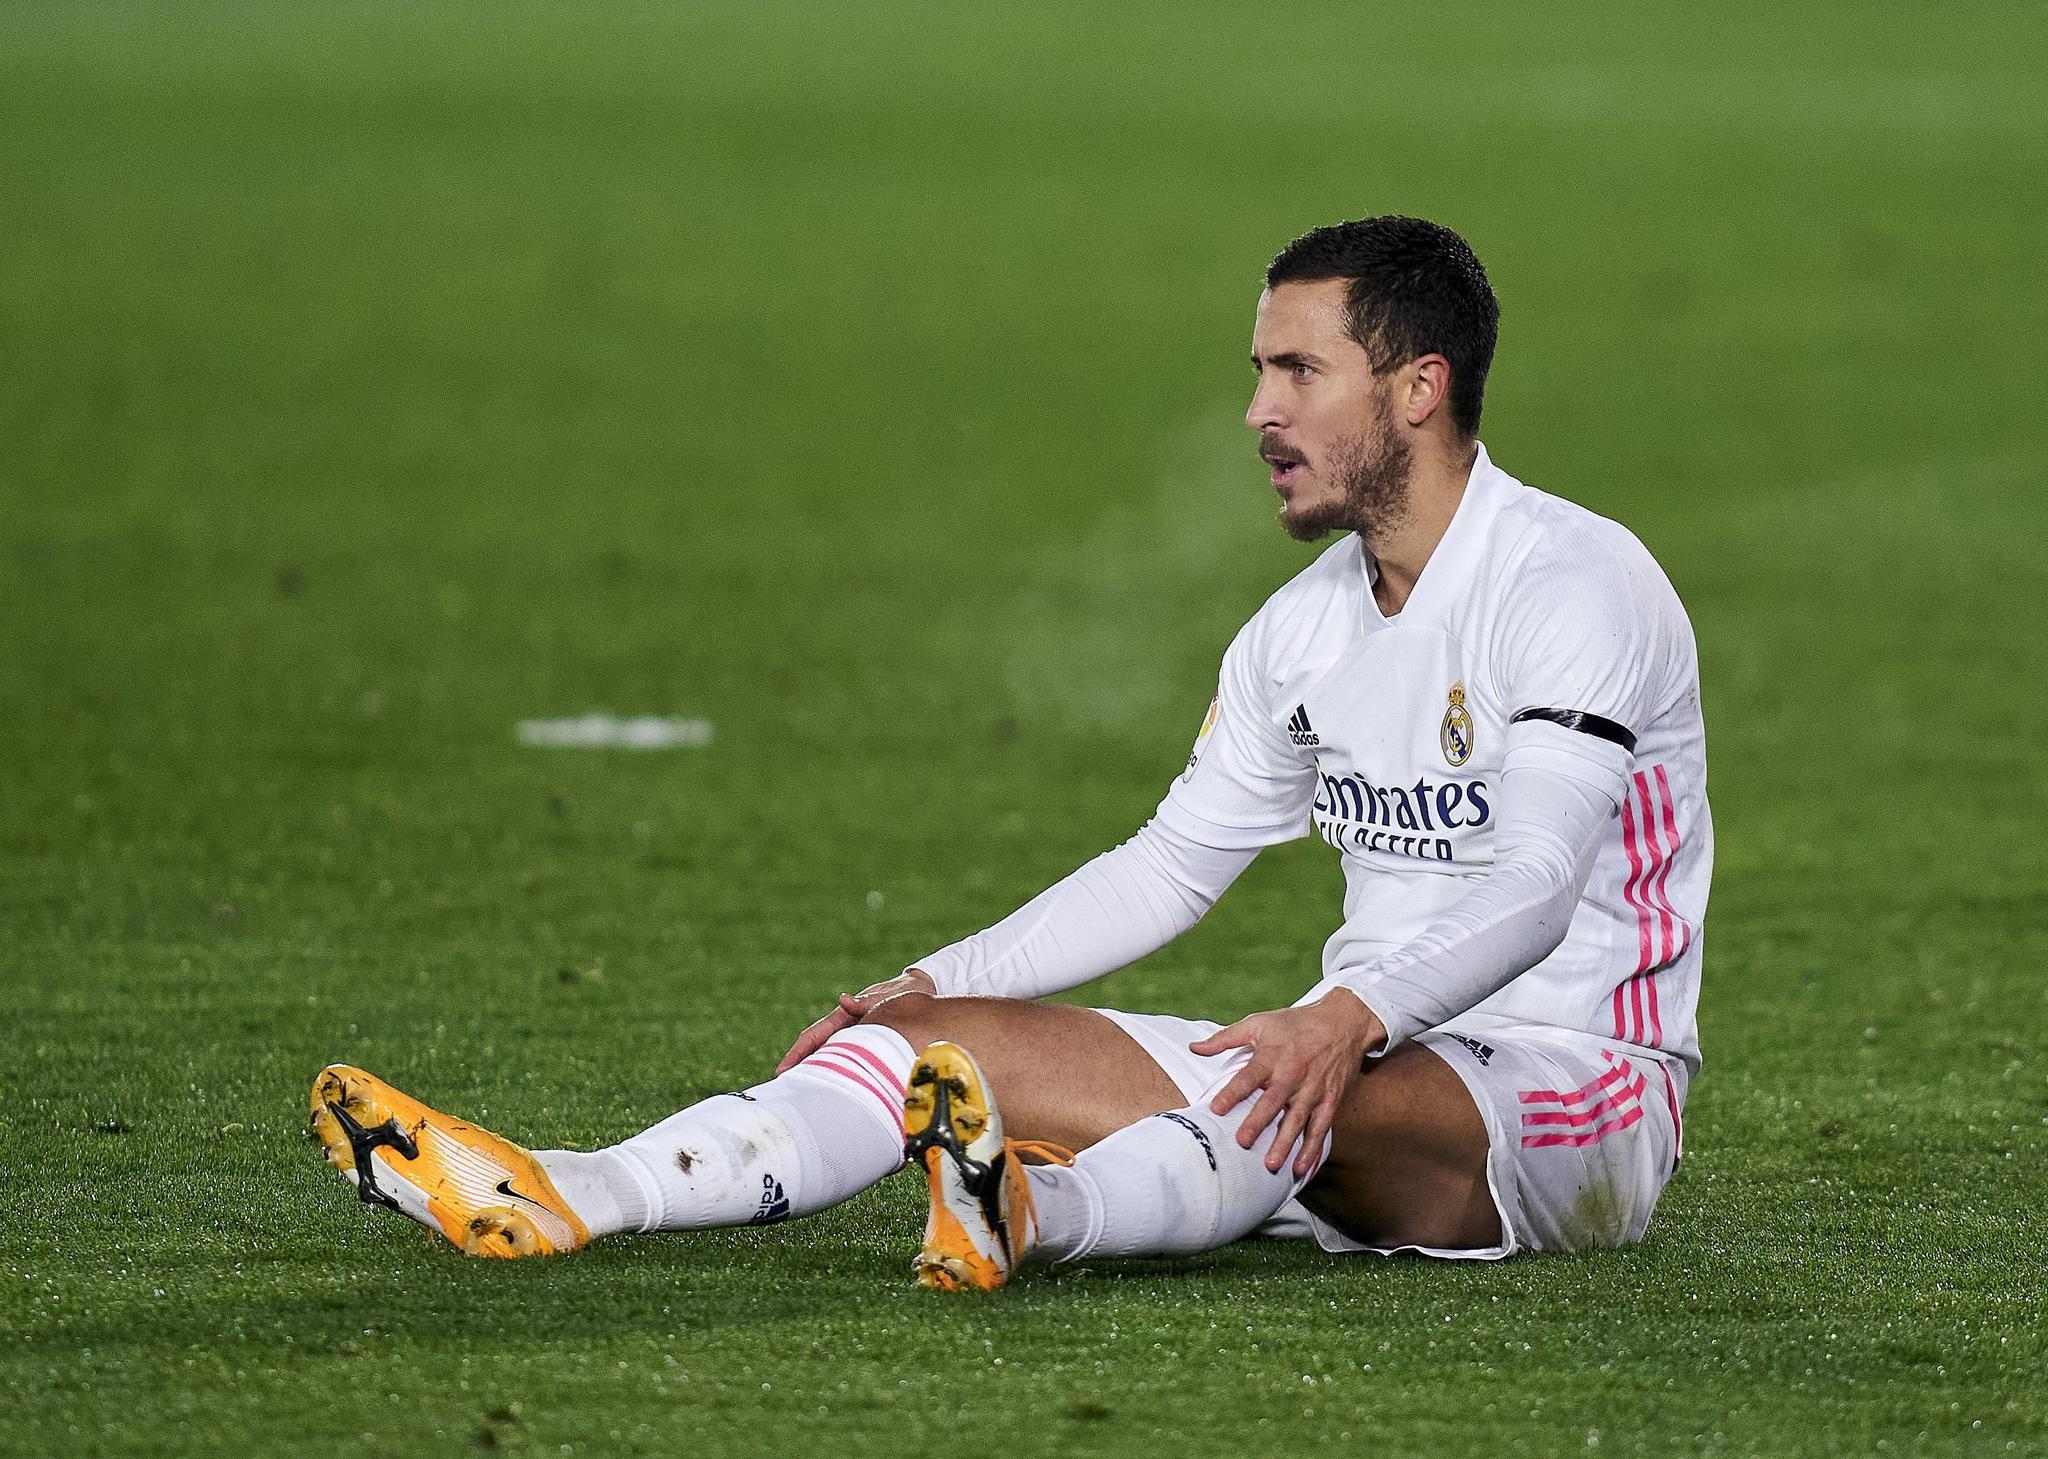 主场输个1-2离榜首差了6分阿扎尔又双叒叕受伤了皇家马德里怎么了